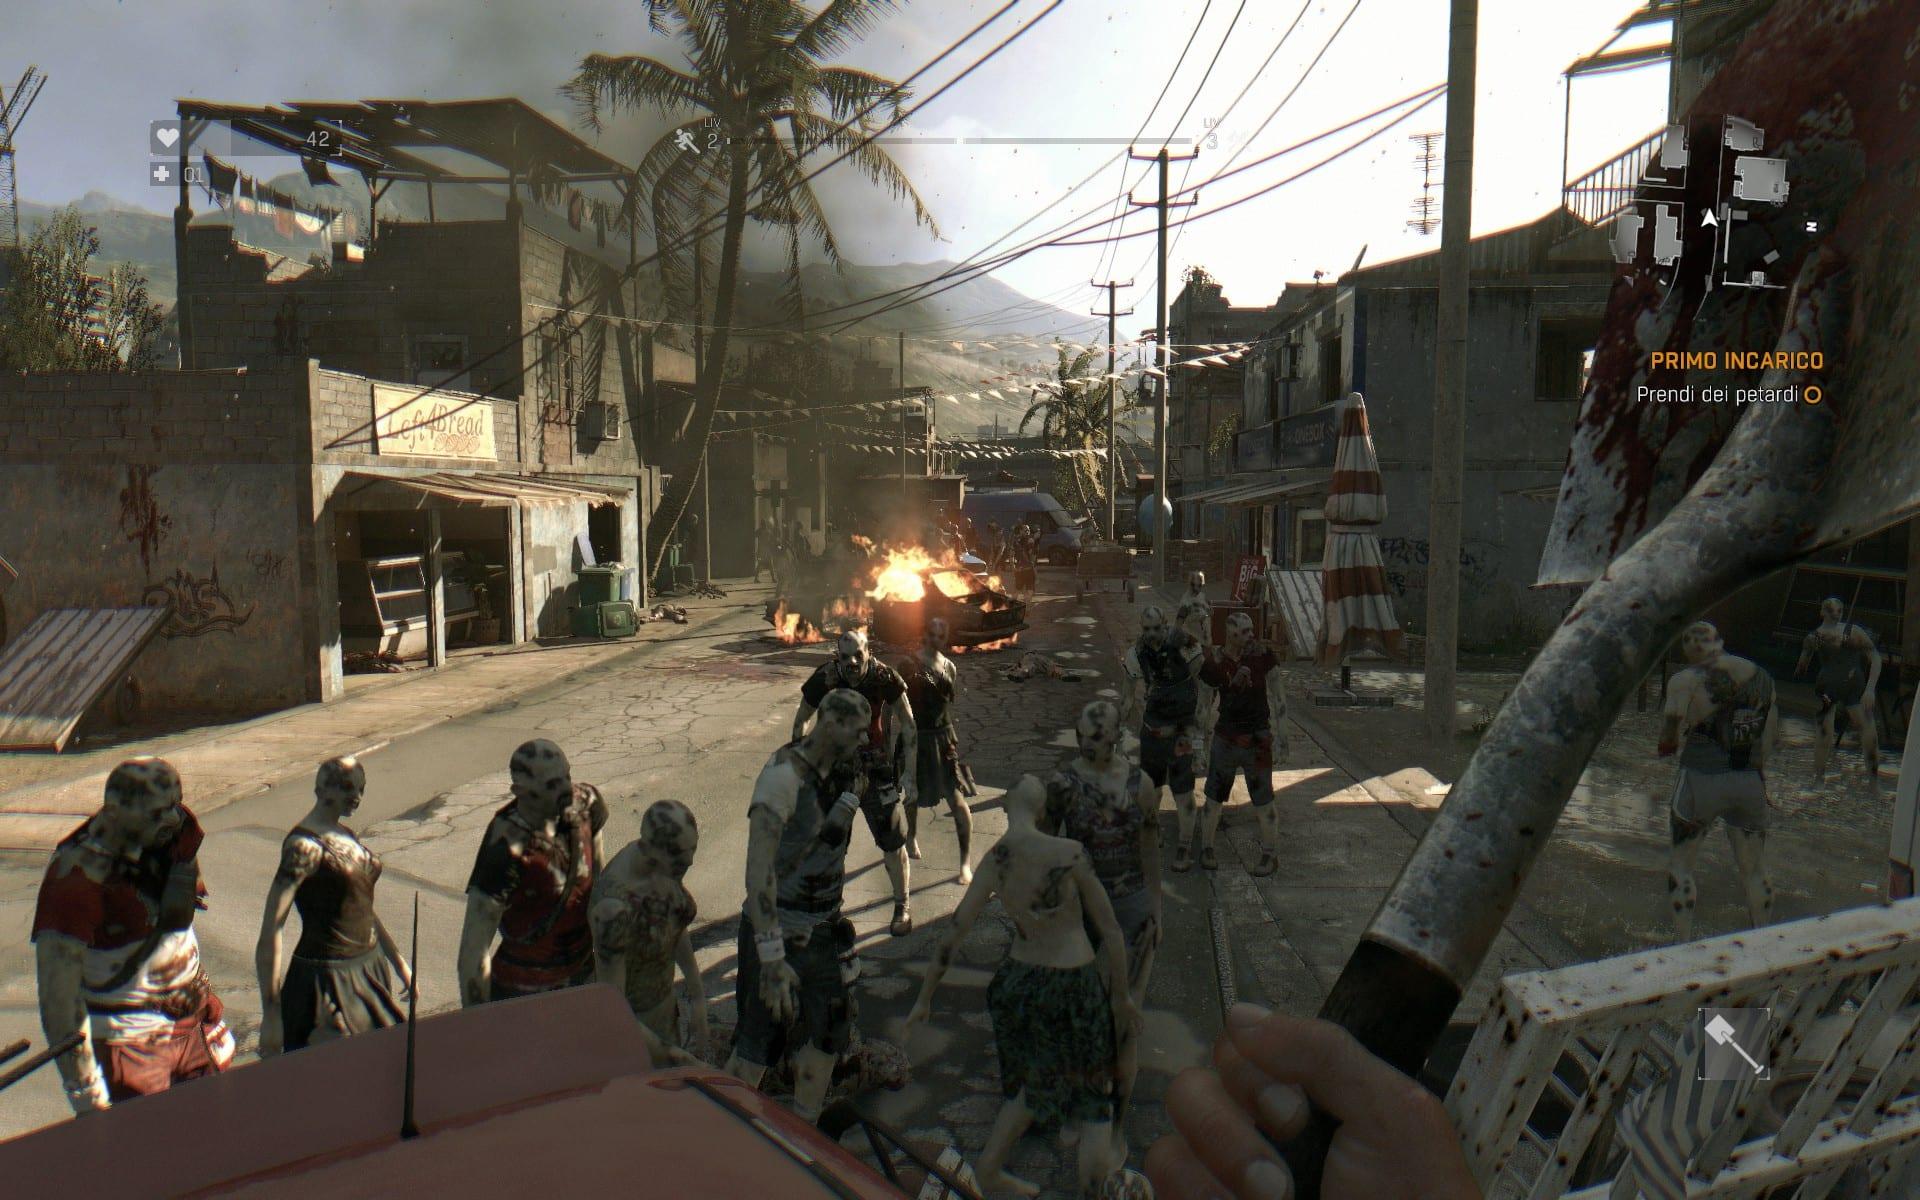 La quantità di zombie presenti in certe strade è veramente alto!